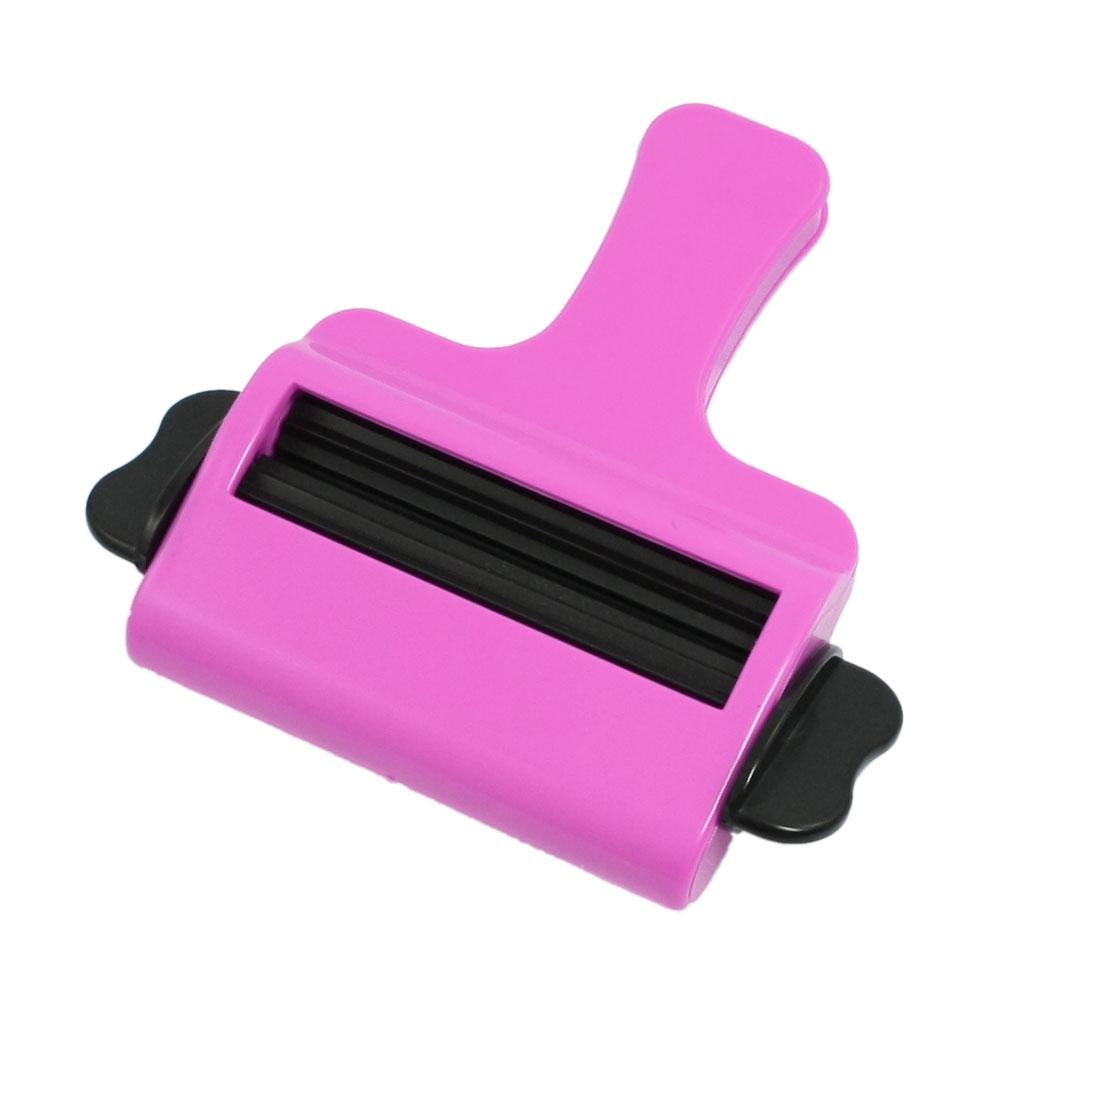 Fuchsia Black Plastic Hair Salon Cream Tint Toothpaste Squeezer Dispenser